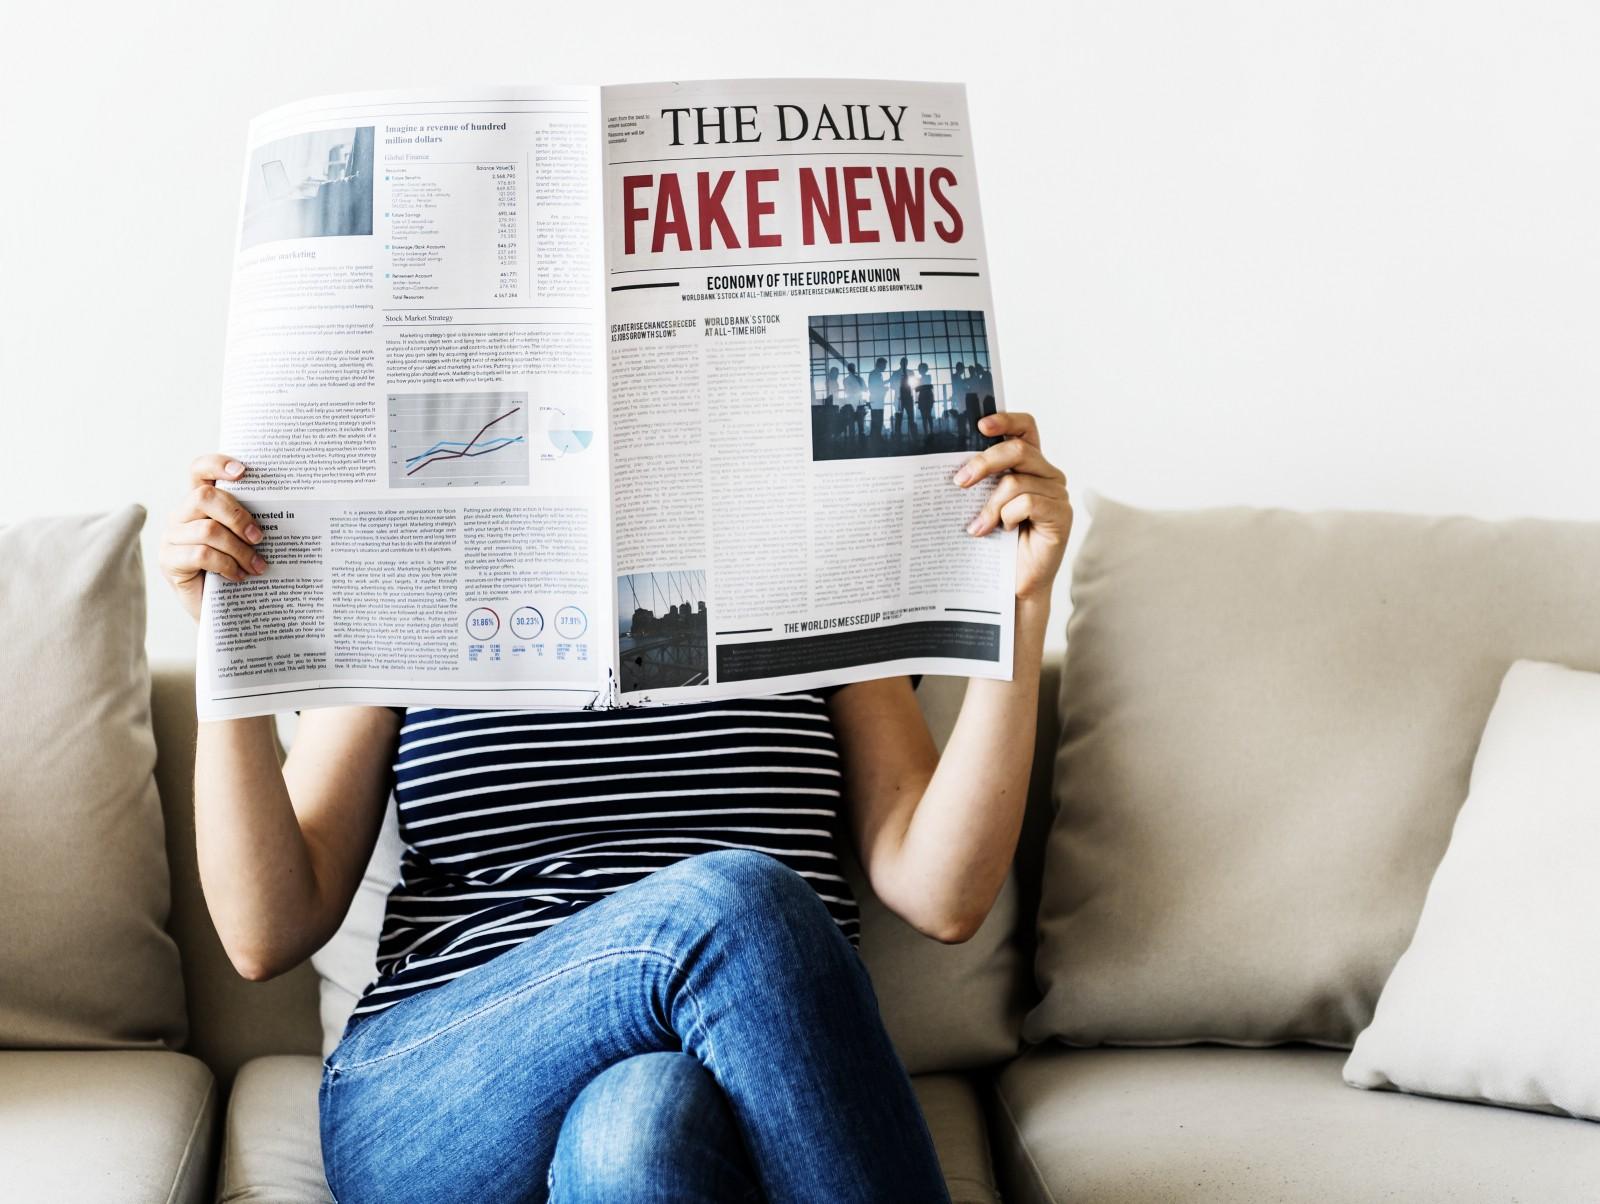 Uspostavlja se komisija za odlučivanje o dezinformacijama u Australiji